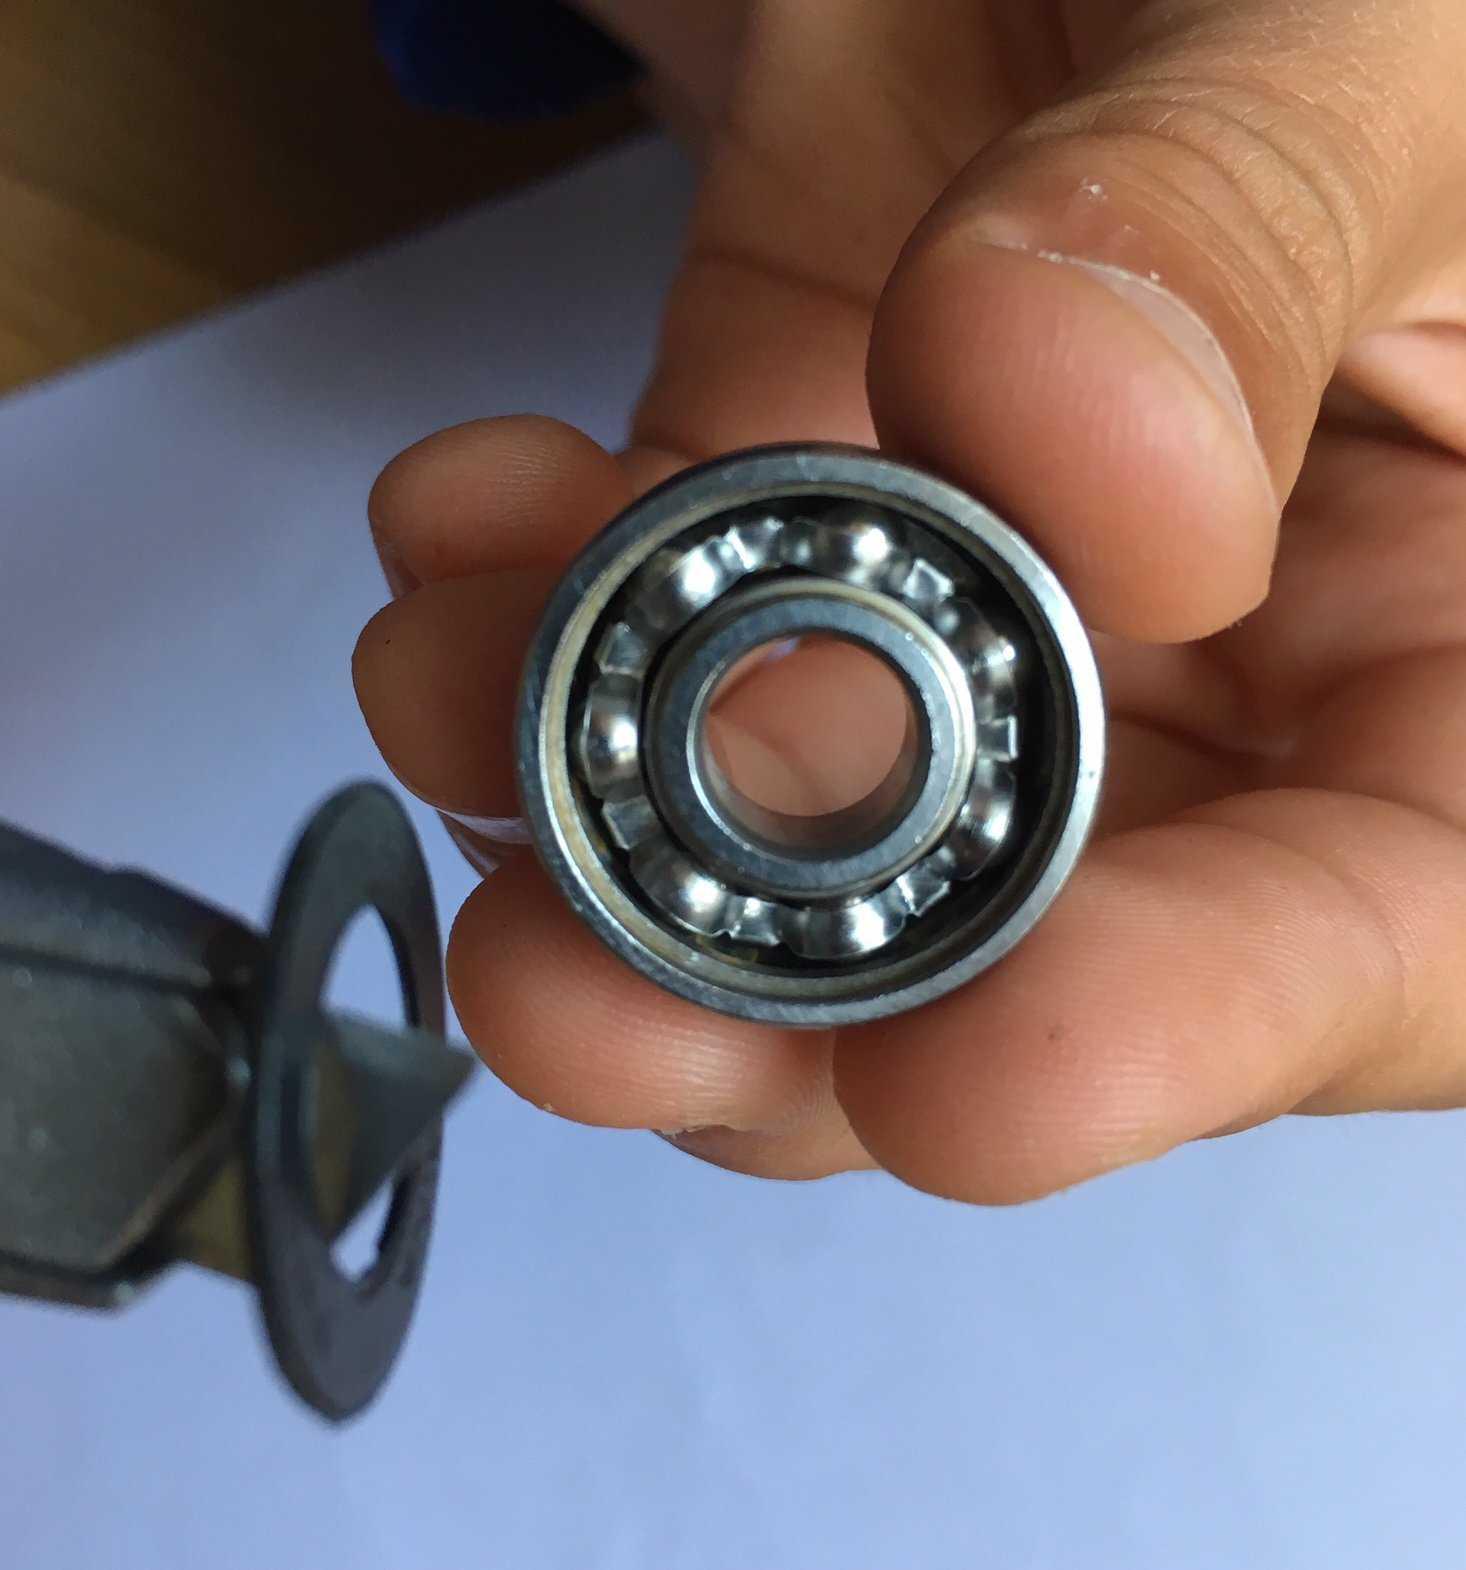 Medium spinner03